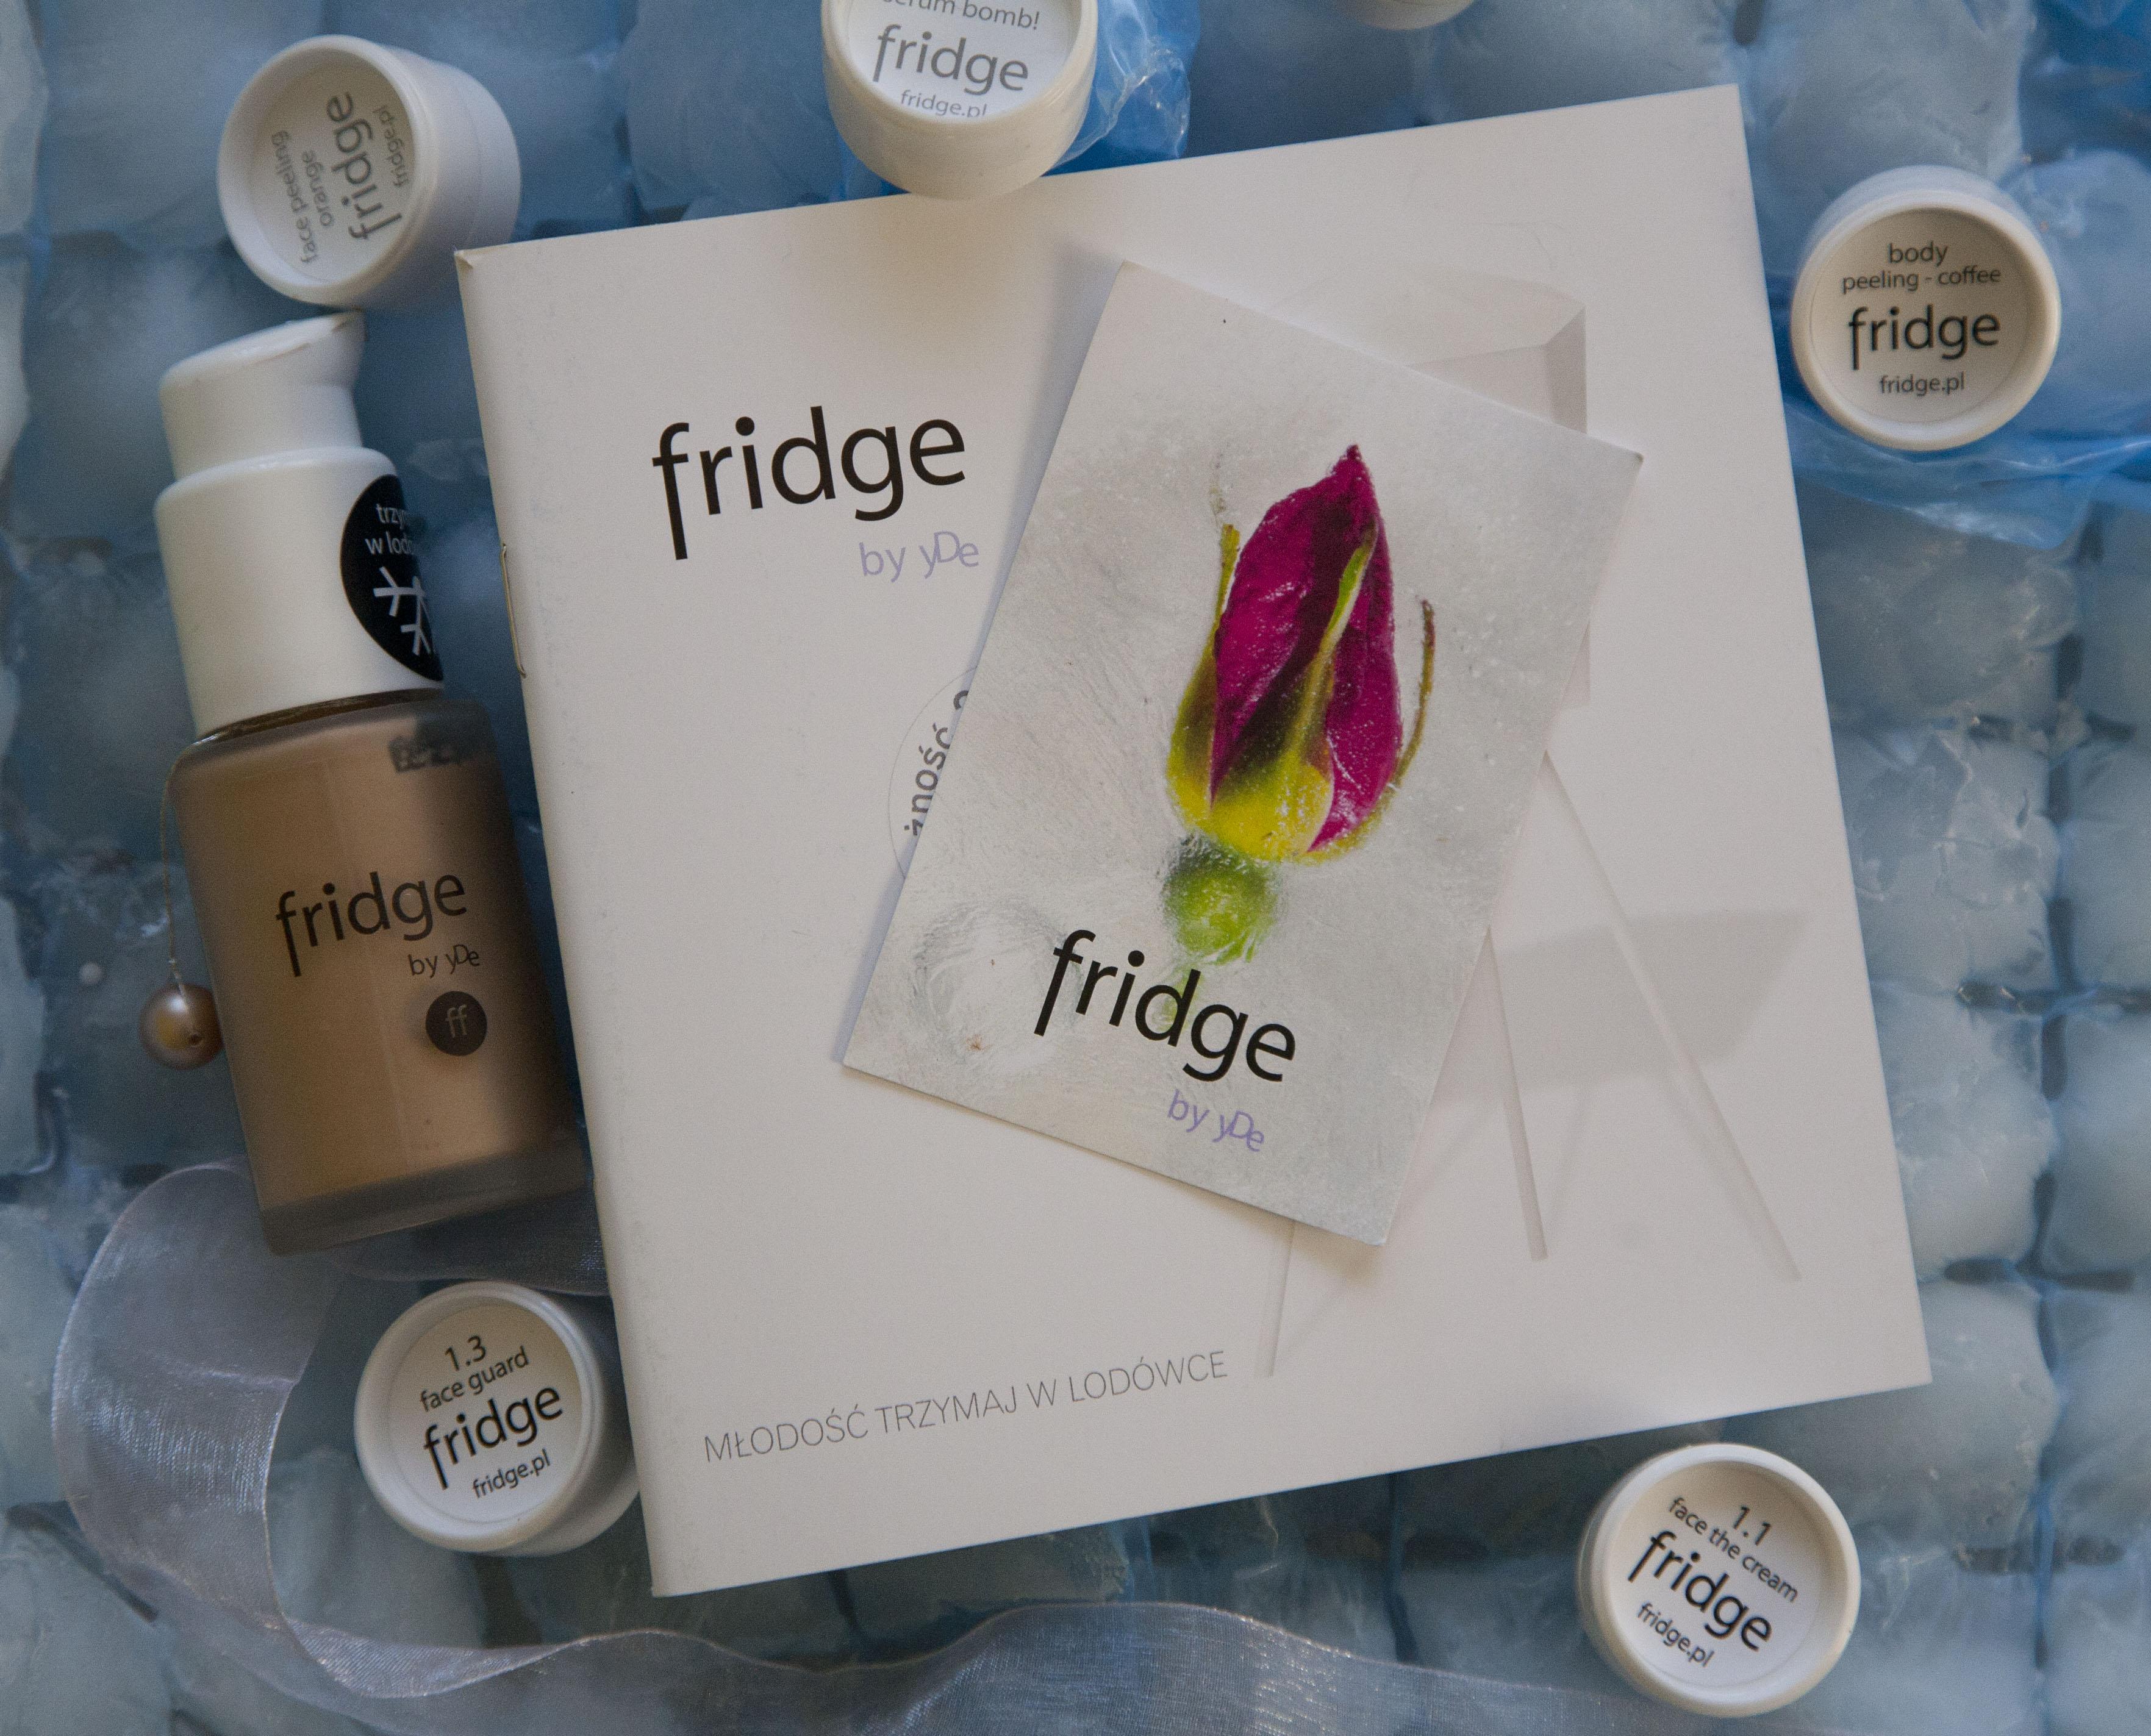 Fridge – kosmetyki z lodówki